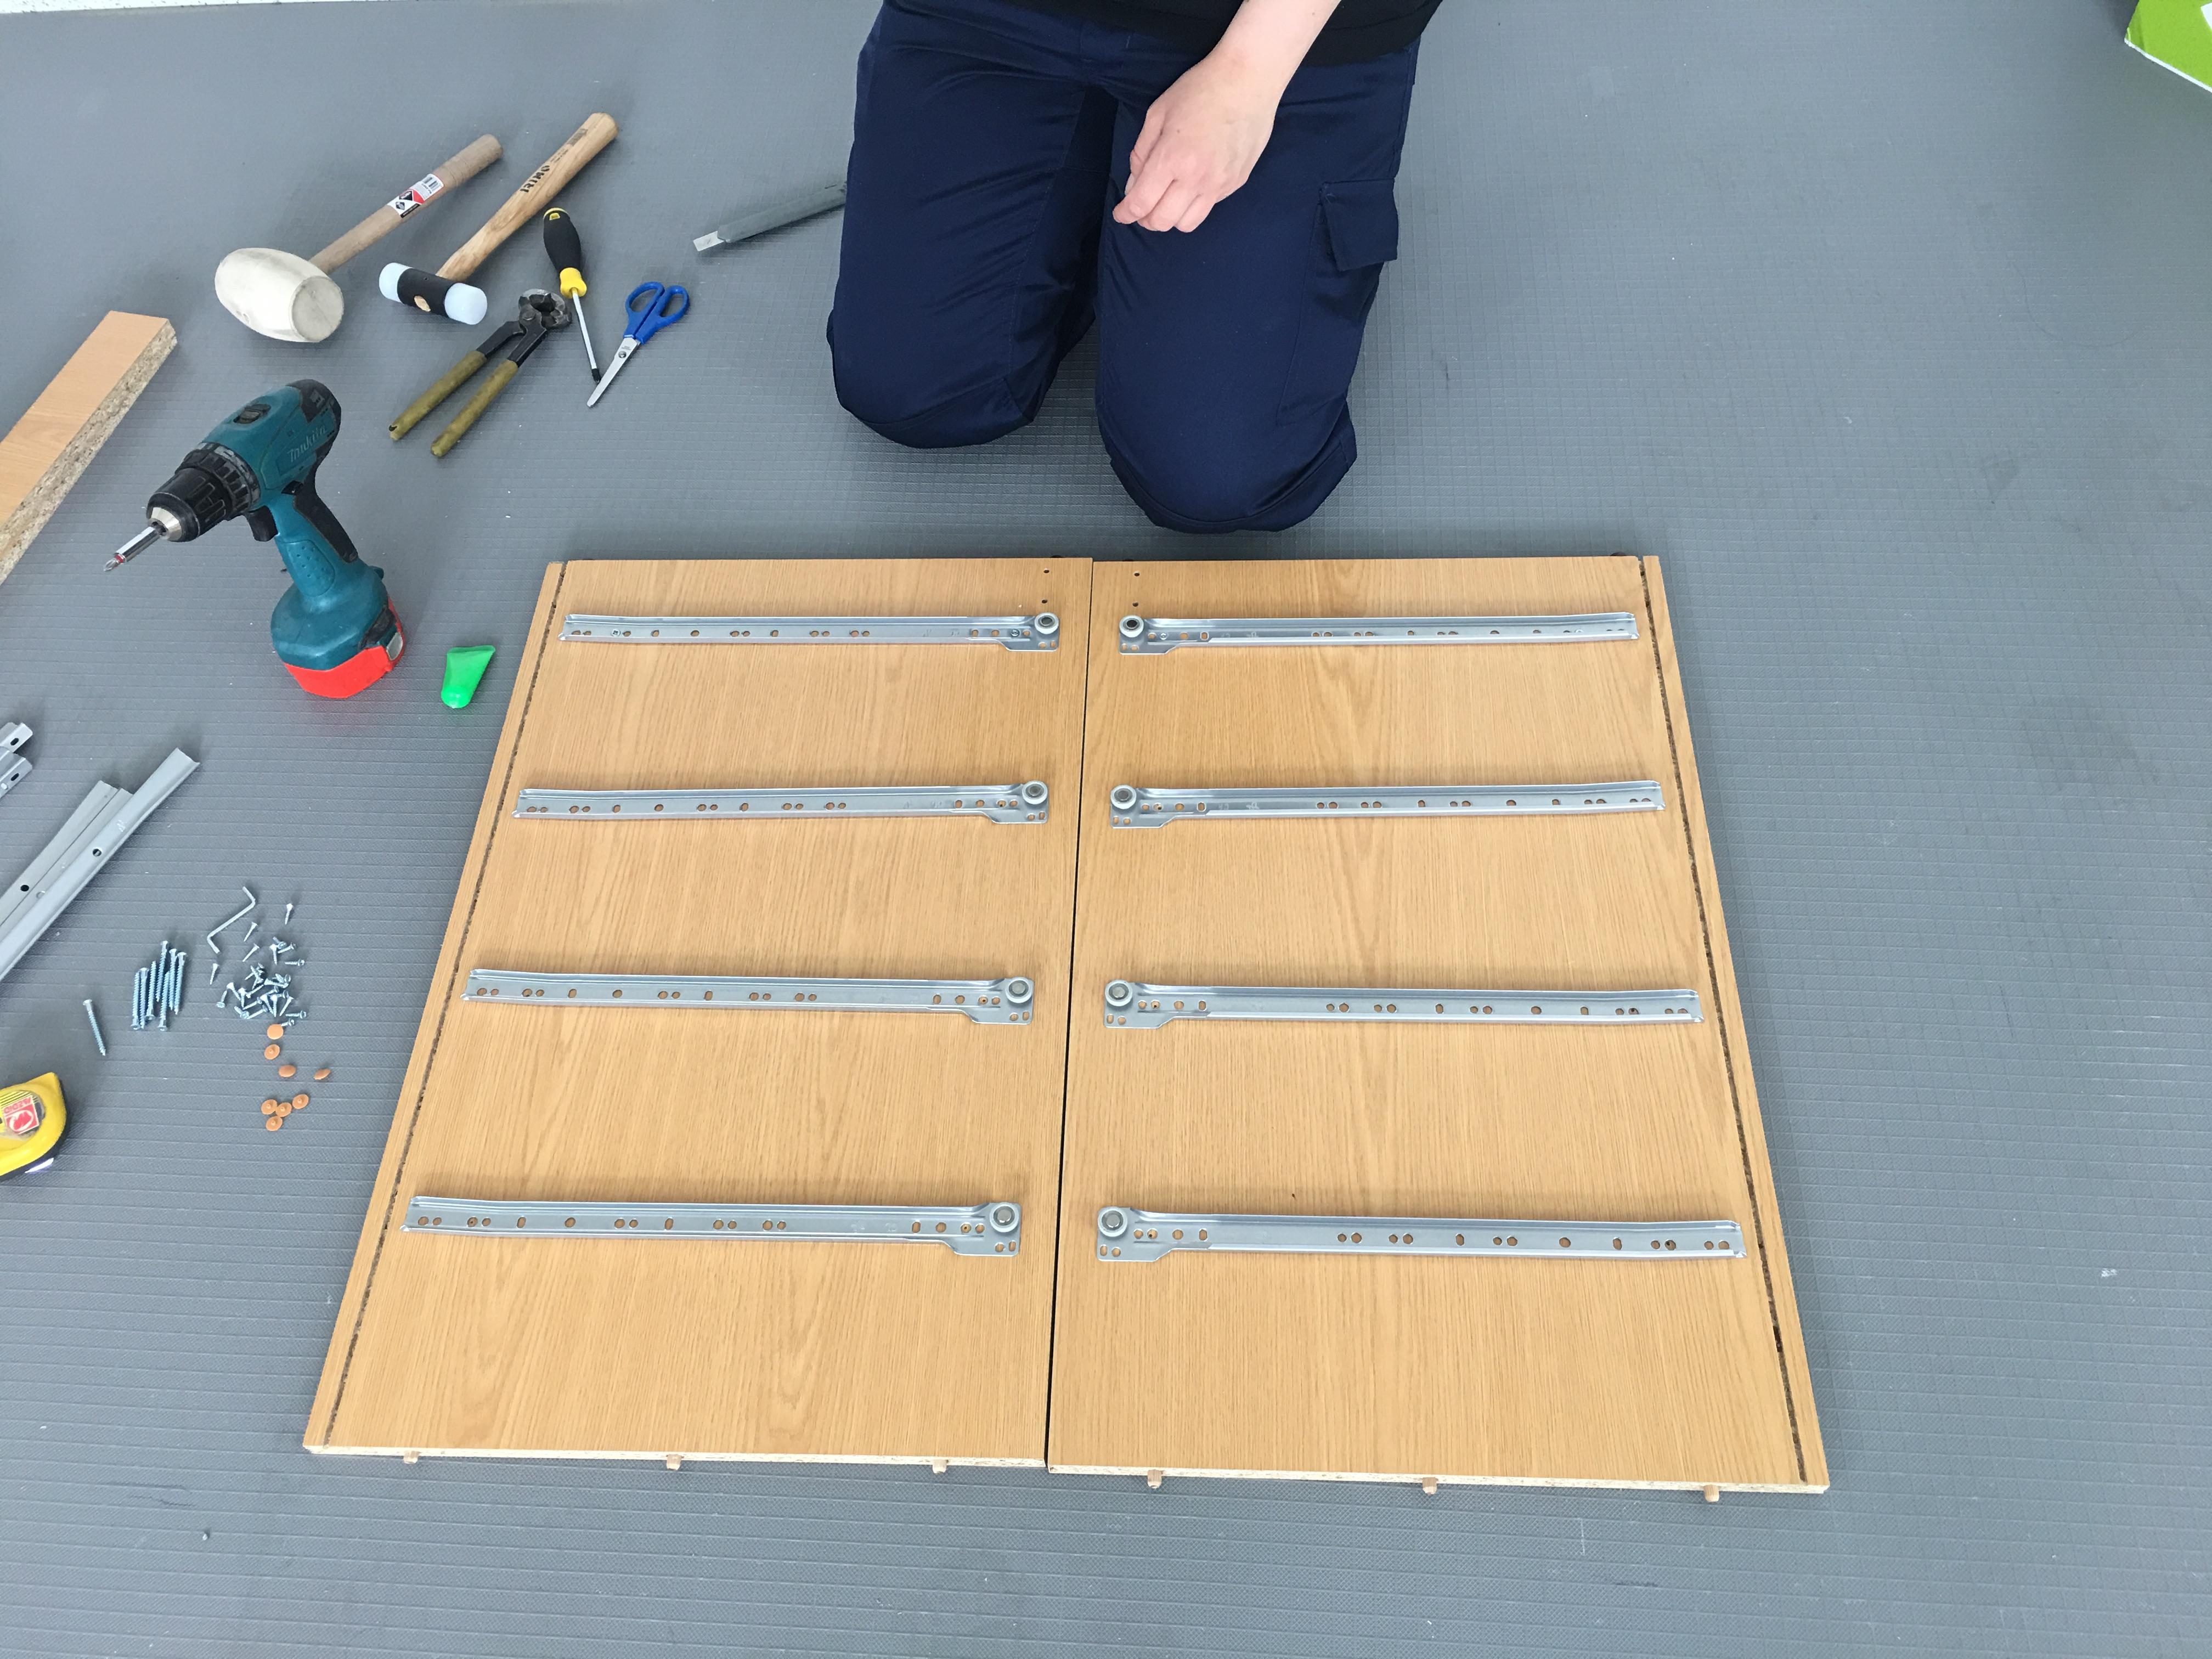 Cómo colocar unas guías extraíbles metálicas para cajones